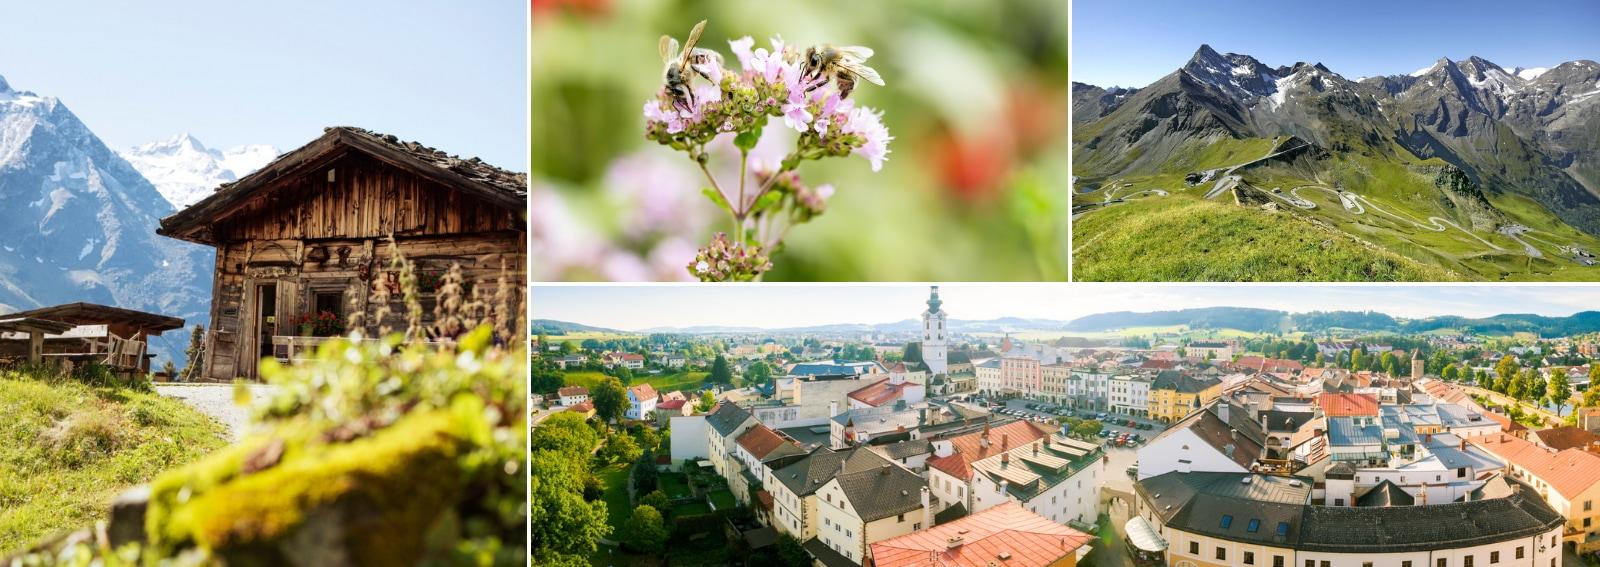 Primavera in Austria Carinzia Salisburgo Salisburghese Festival Pasqua Vacanze famiglia Kinderhotels Mondi di Cristallo Swarovski DESK